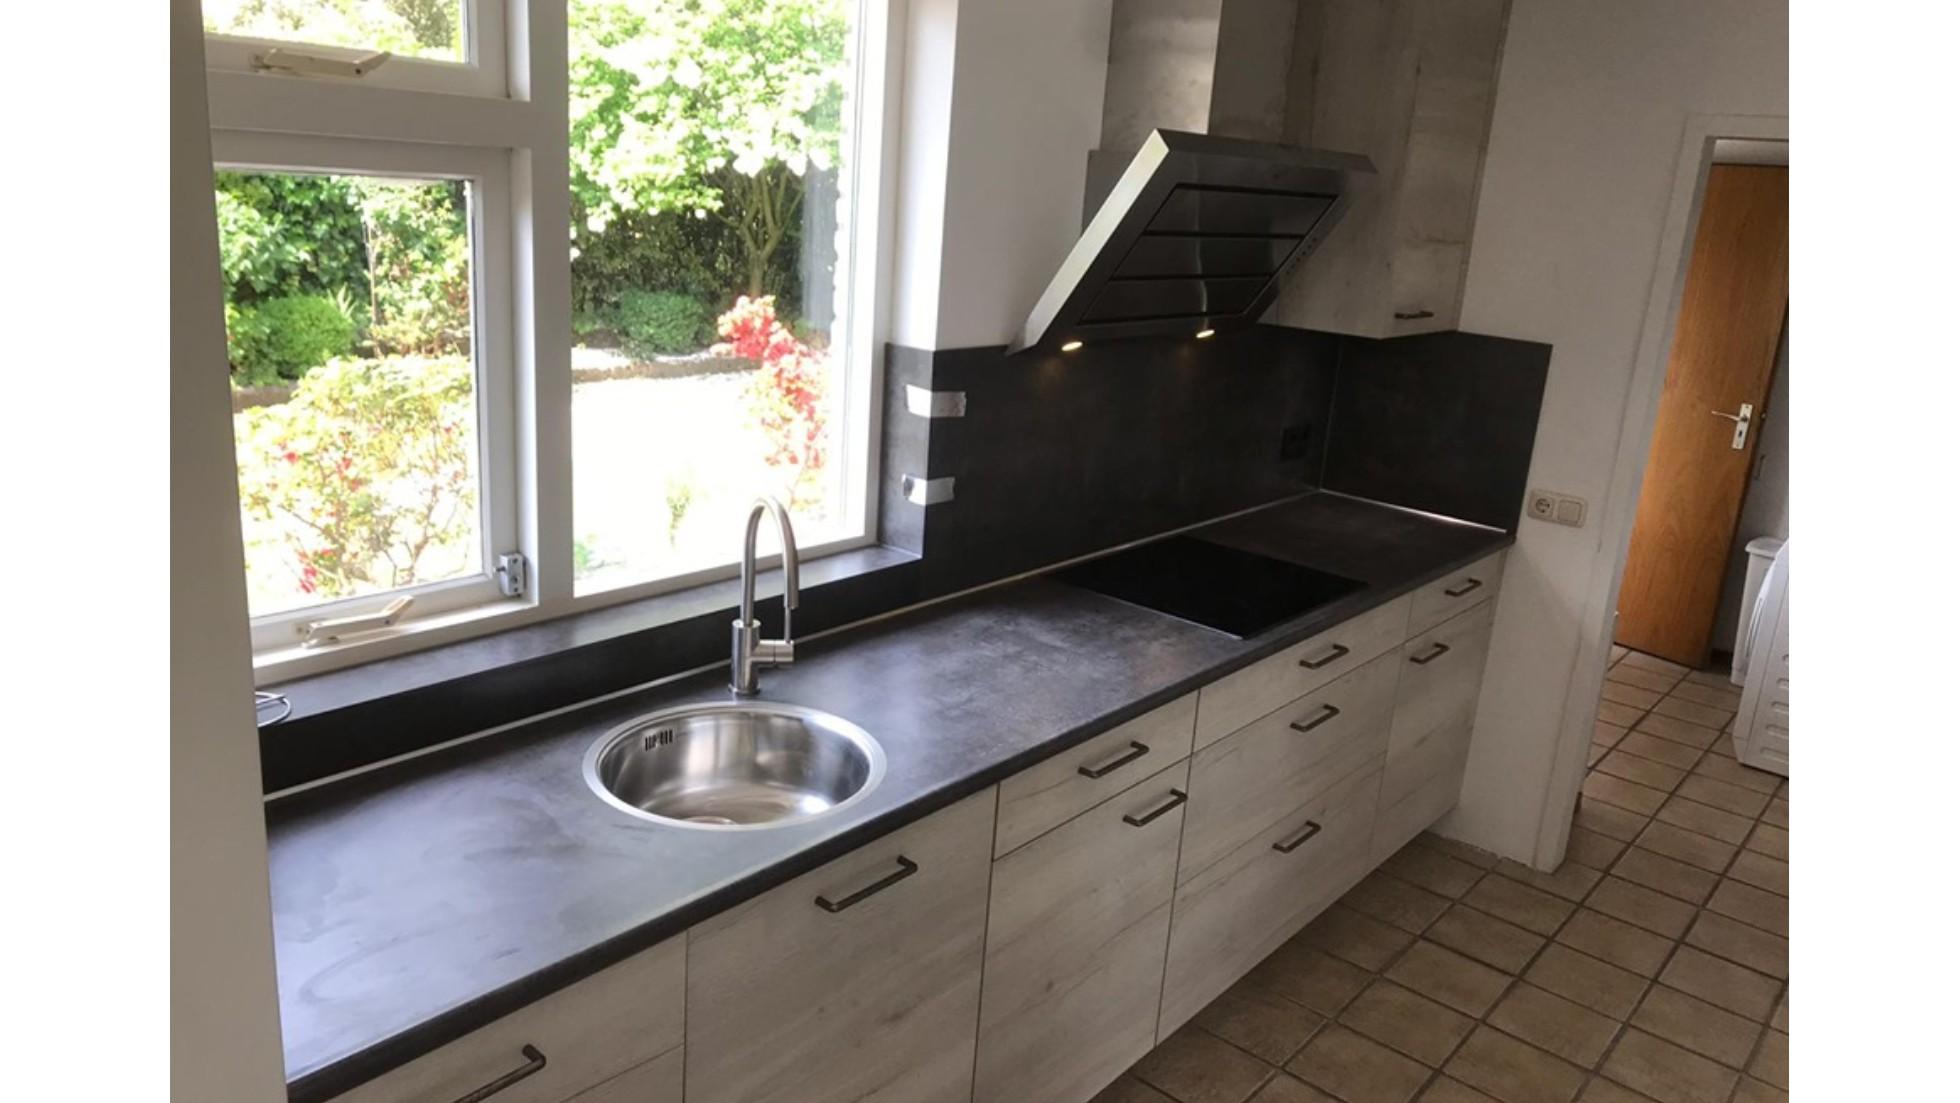 Primo Keukens Keukens Bij Onze Klanten Tijdloos Grijs Gemarmerde Nobilia Keuken